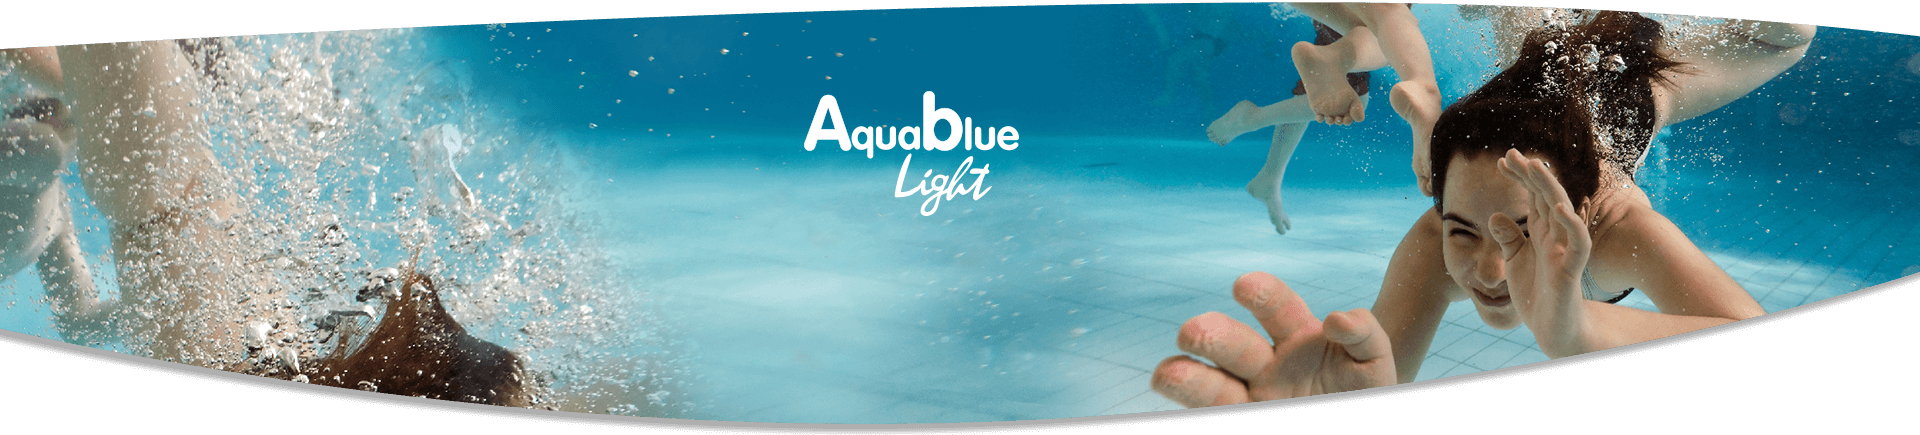 Sistemas salinos para piscinas AquaBlue light